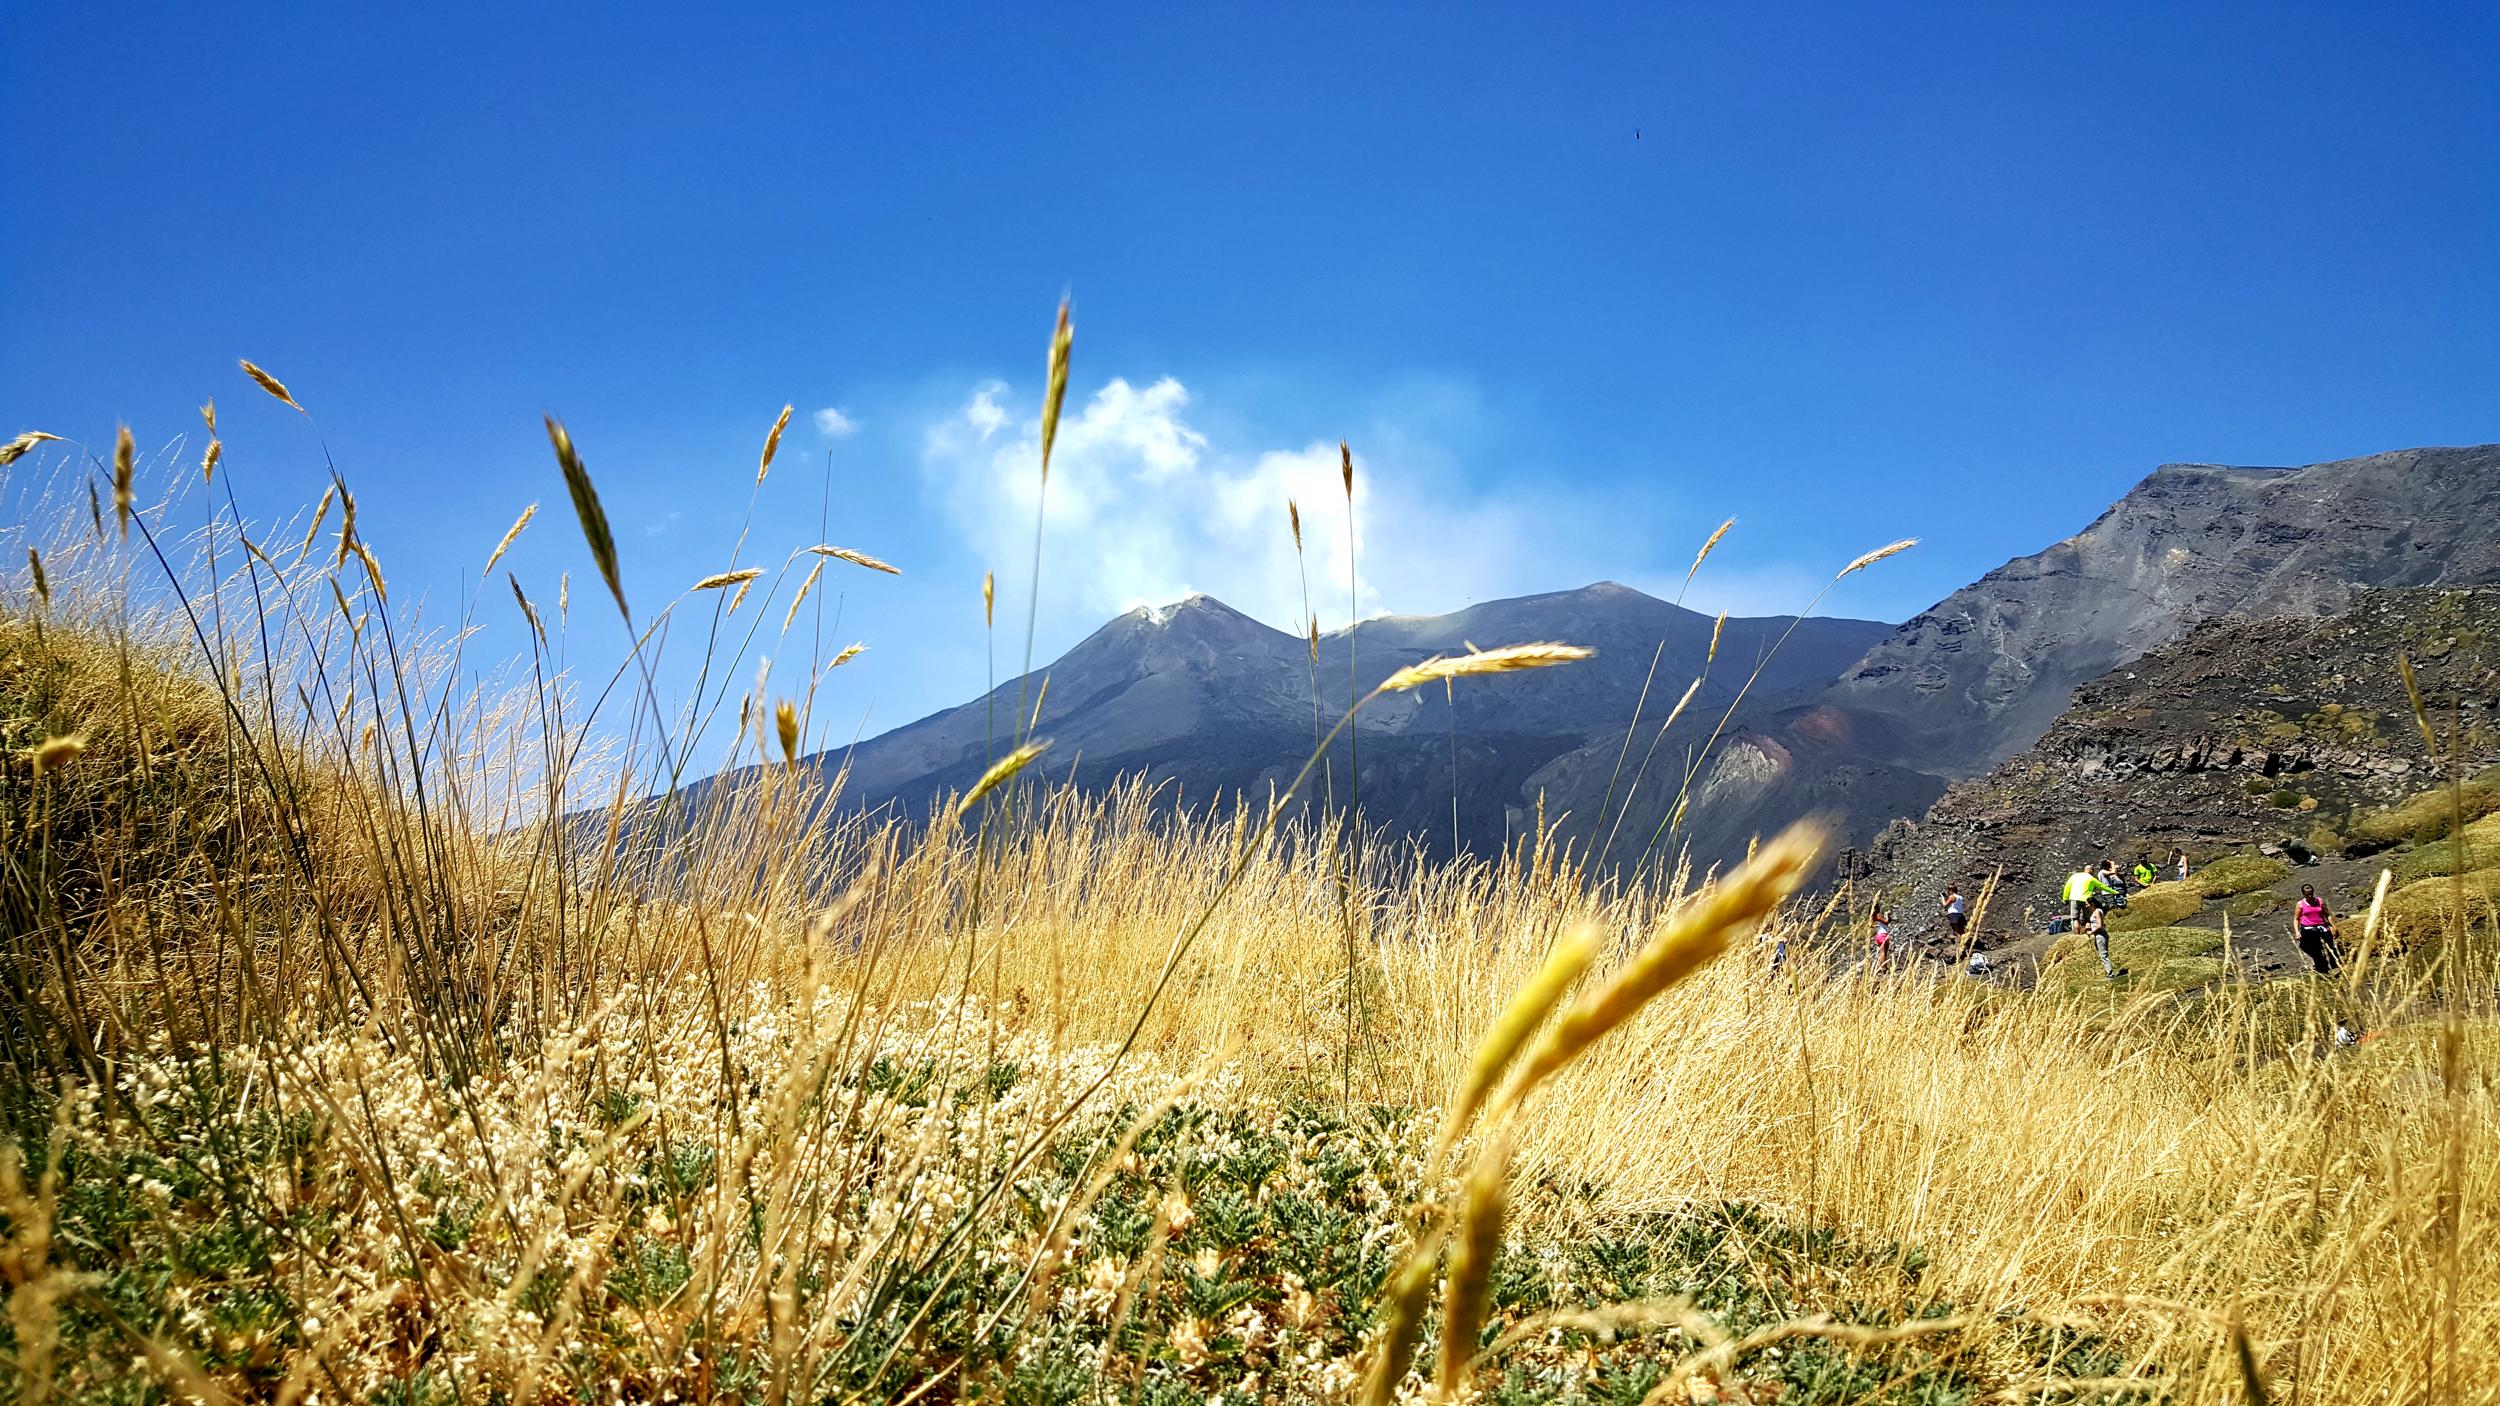 Valle del Bove - Etna vulkaan